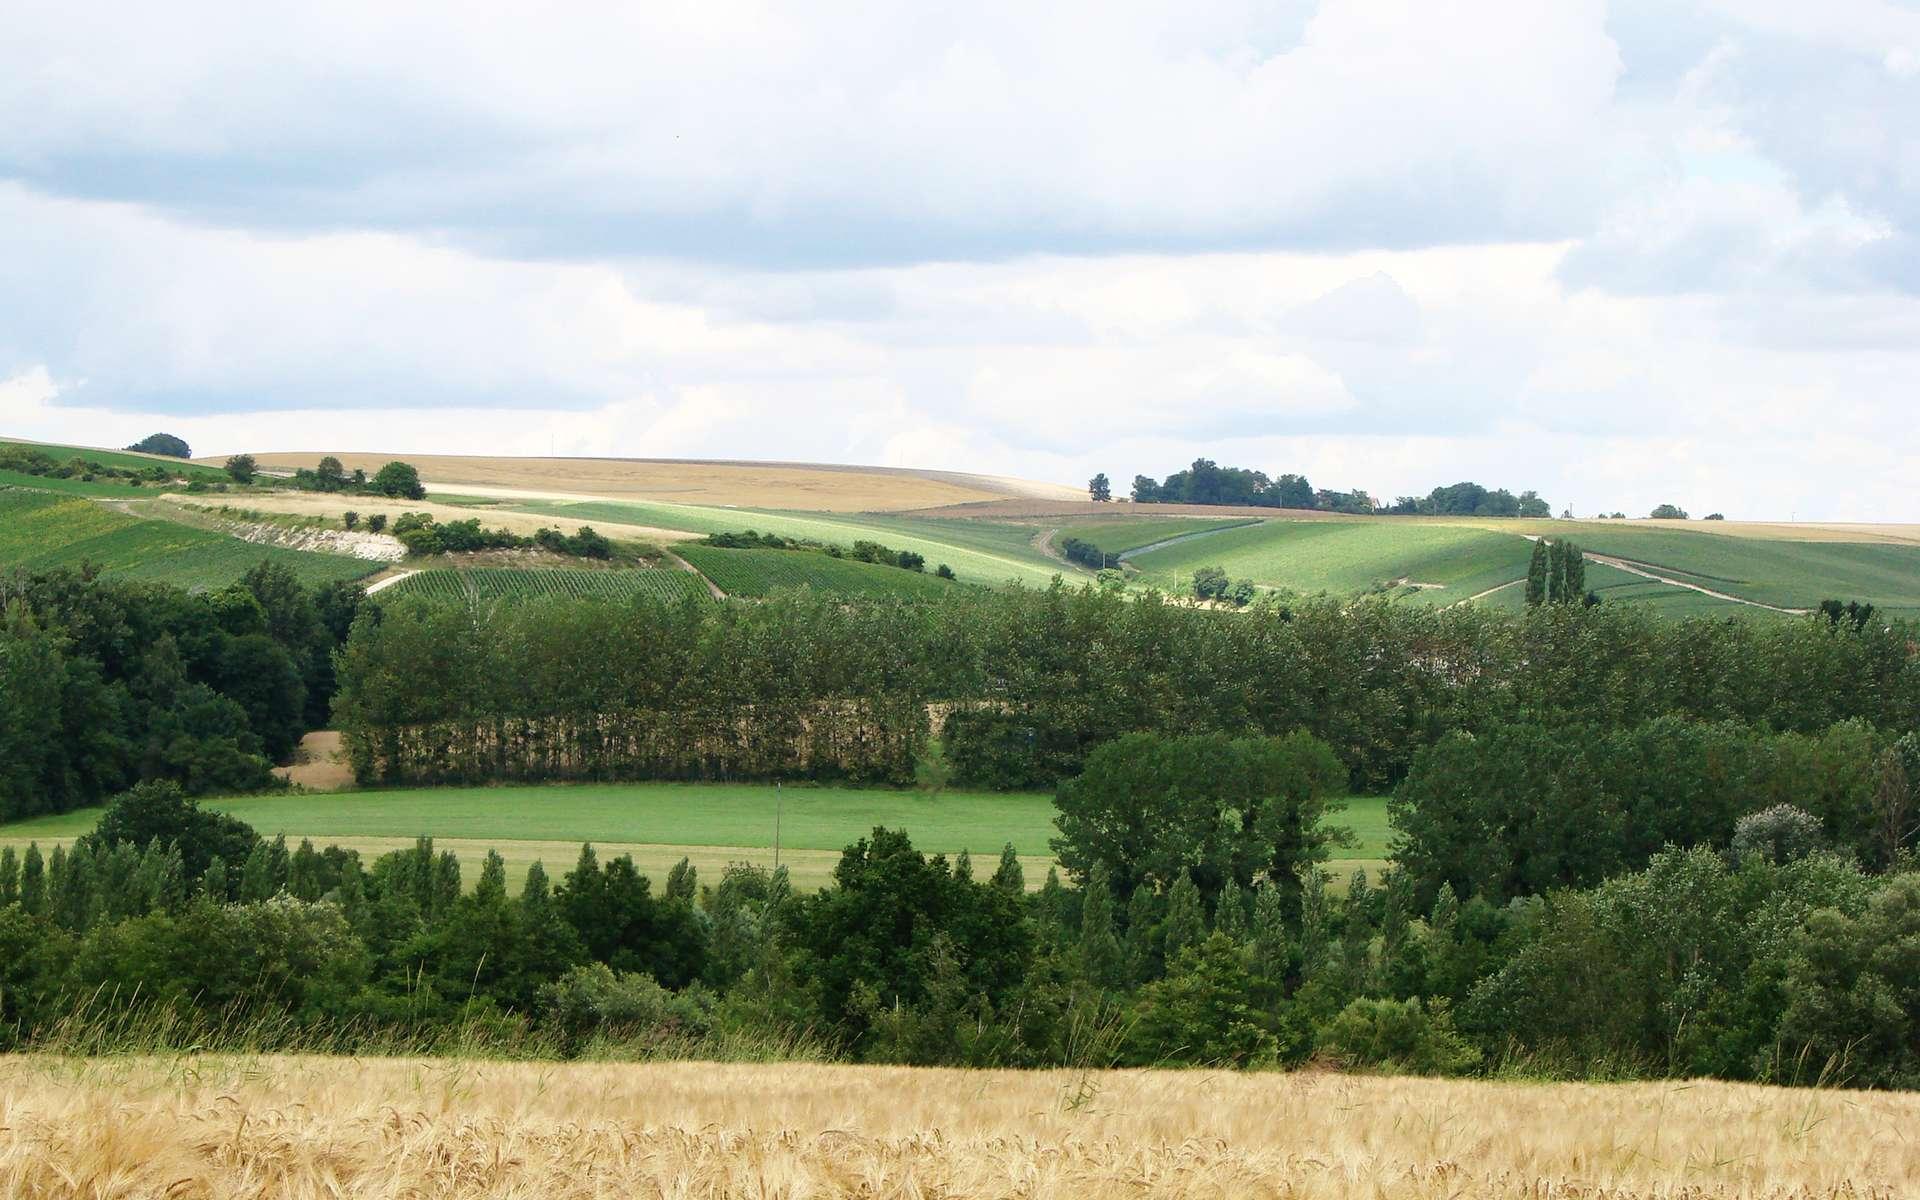 Parc naturel régional de la montagne de Reims, la vallée de l'Ardre près de Savigny-sur-Ardres. © Vassil, Wikimedia Commons, DP